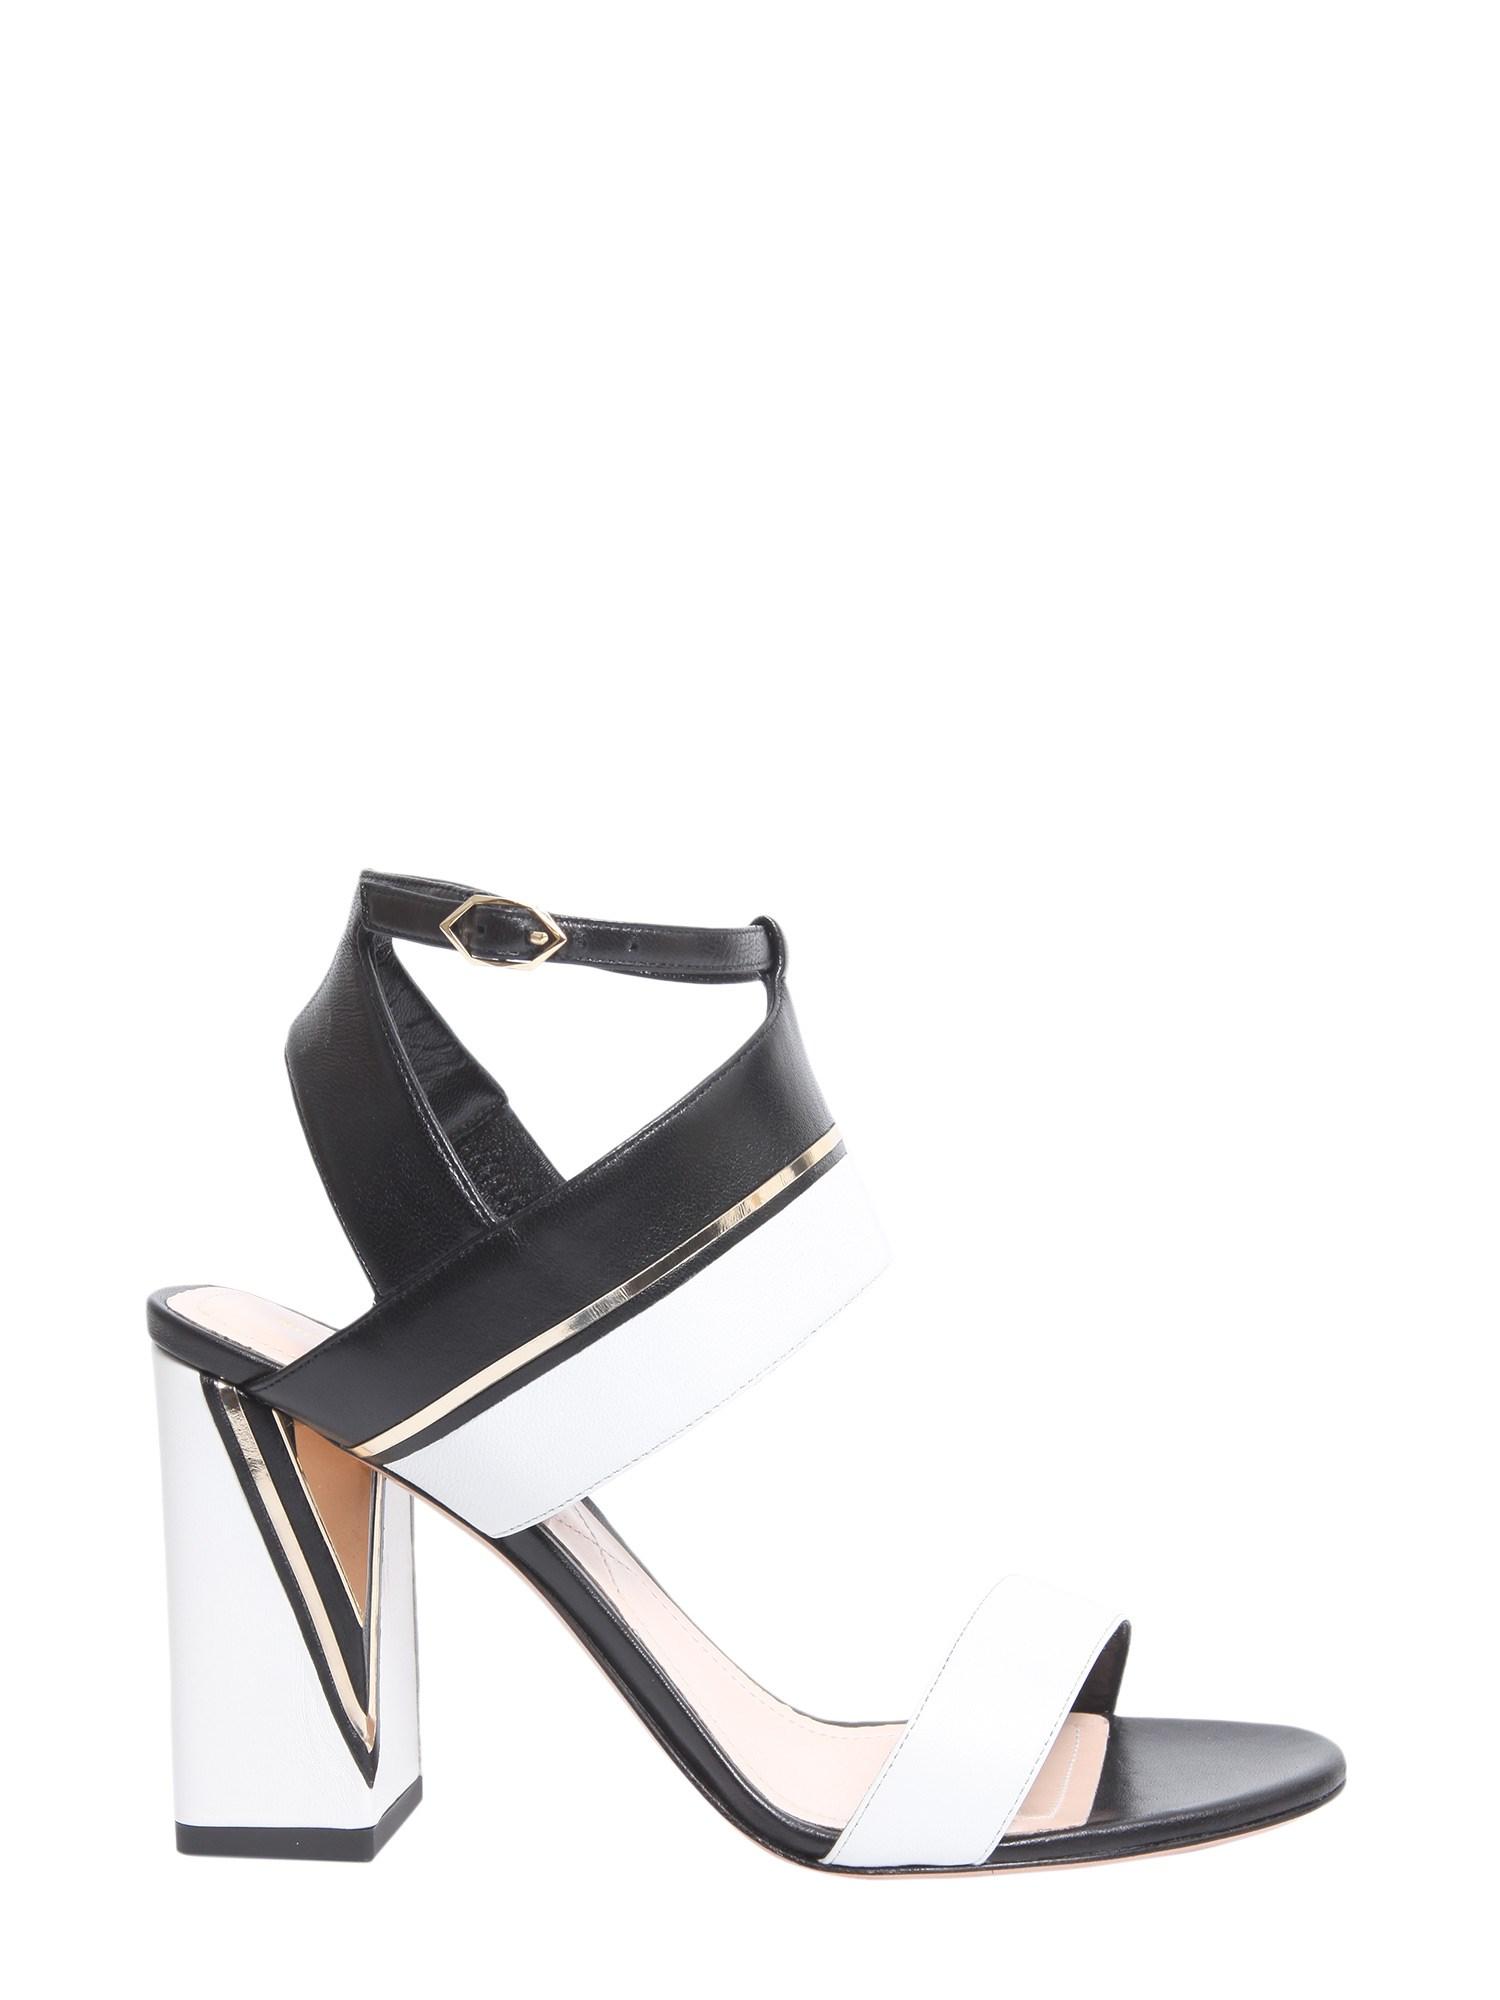 Nicholas kirkwood eva sandals - nicholas kirkwood - Modalova